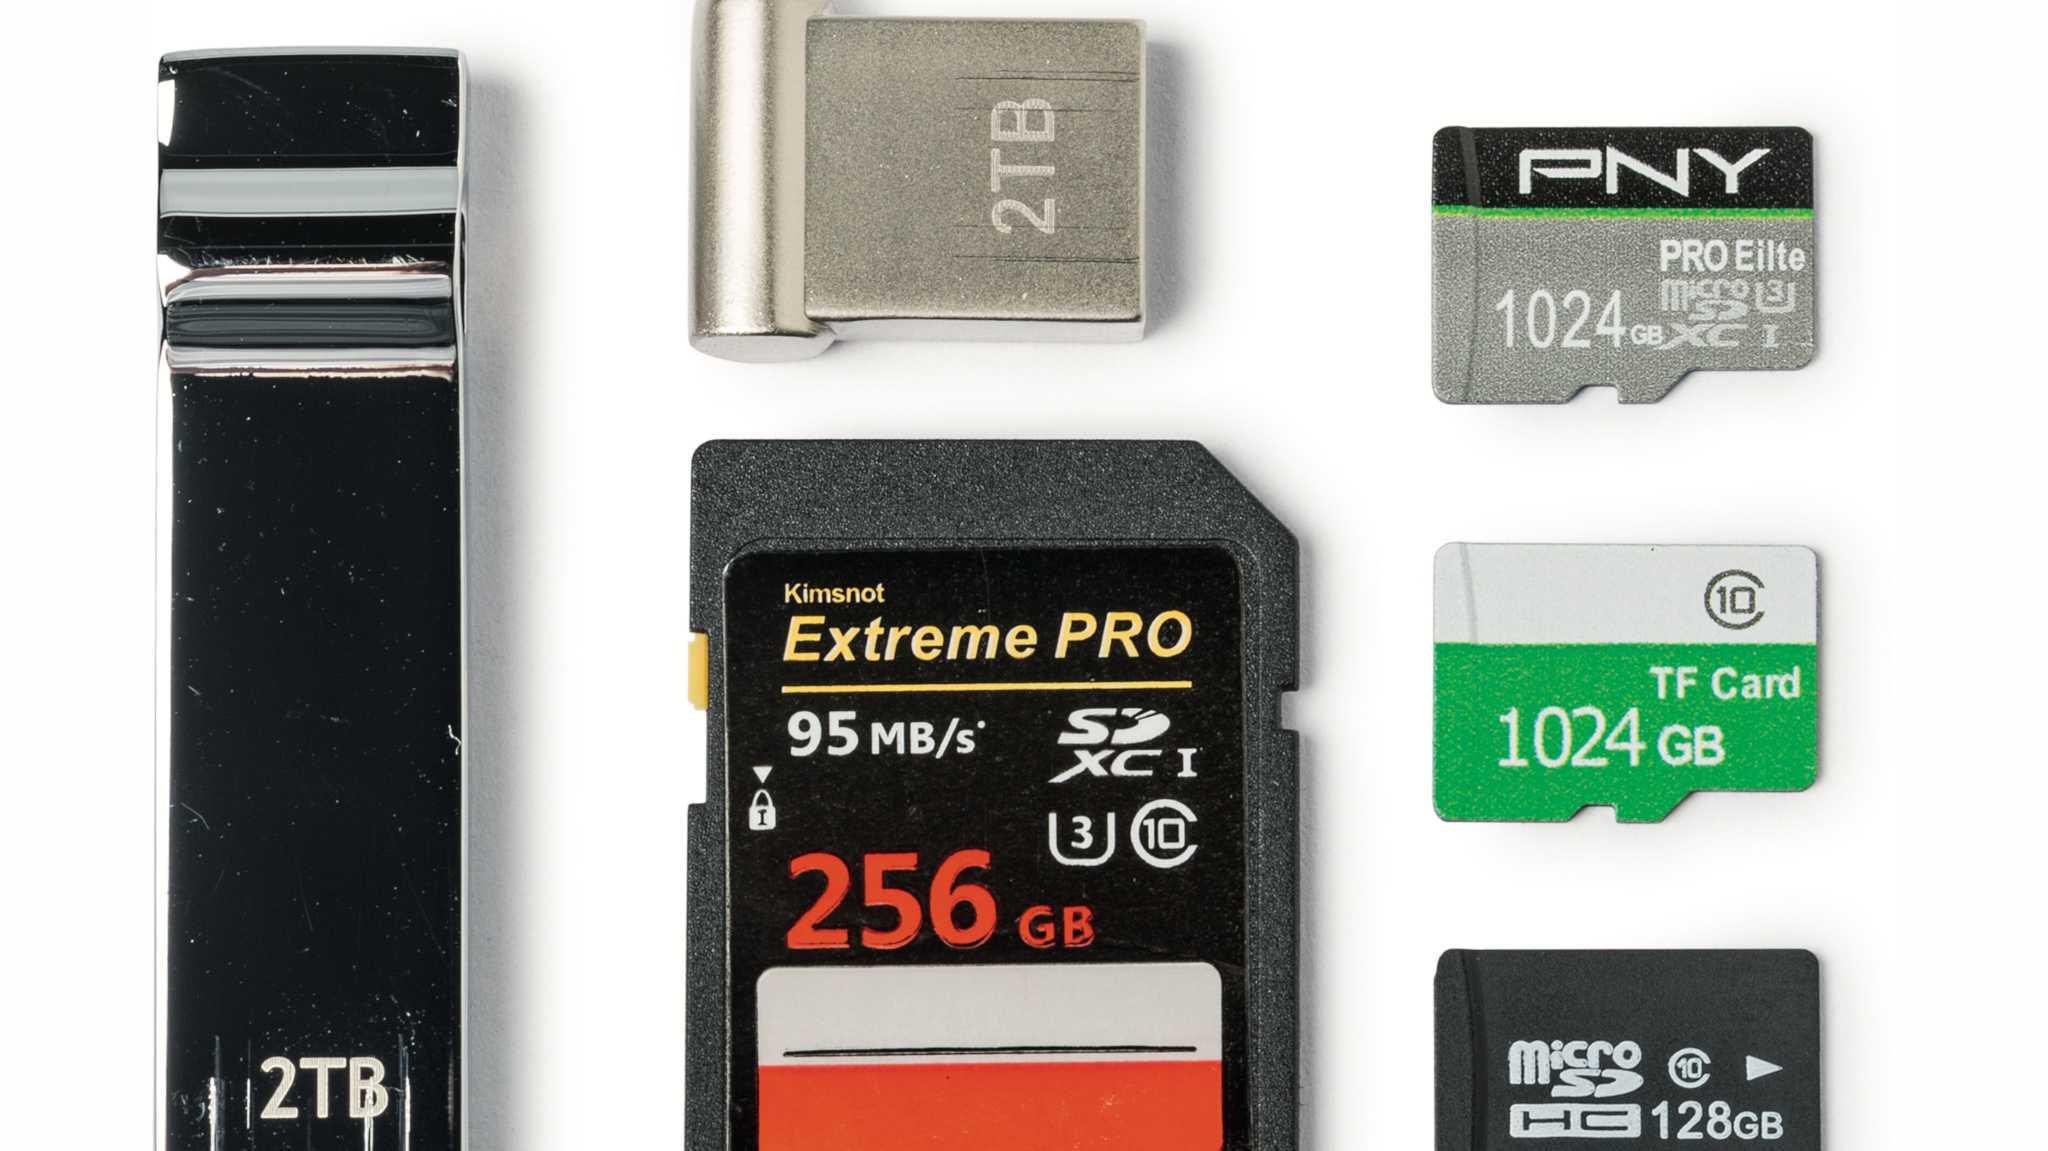 Gefälschte USB-Sticks und SD-Karten: Worauf Sie achten sollten